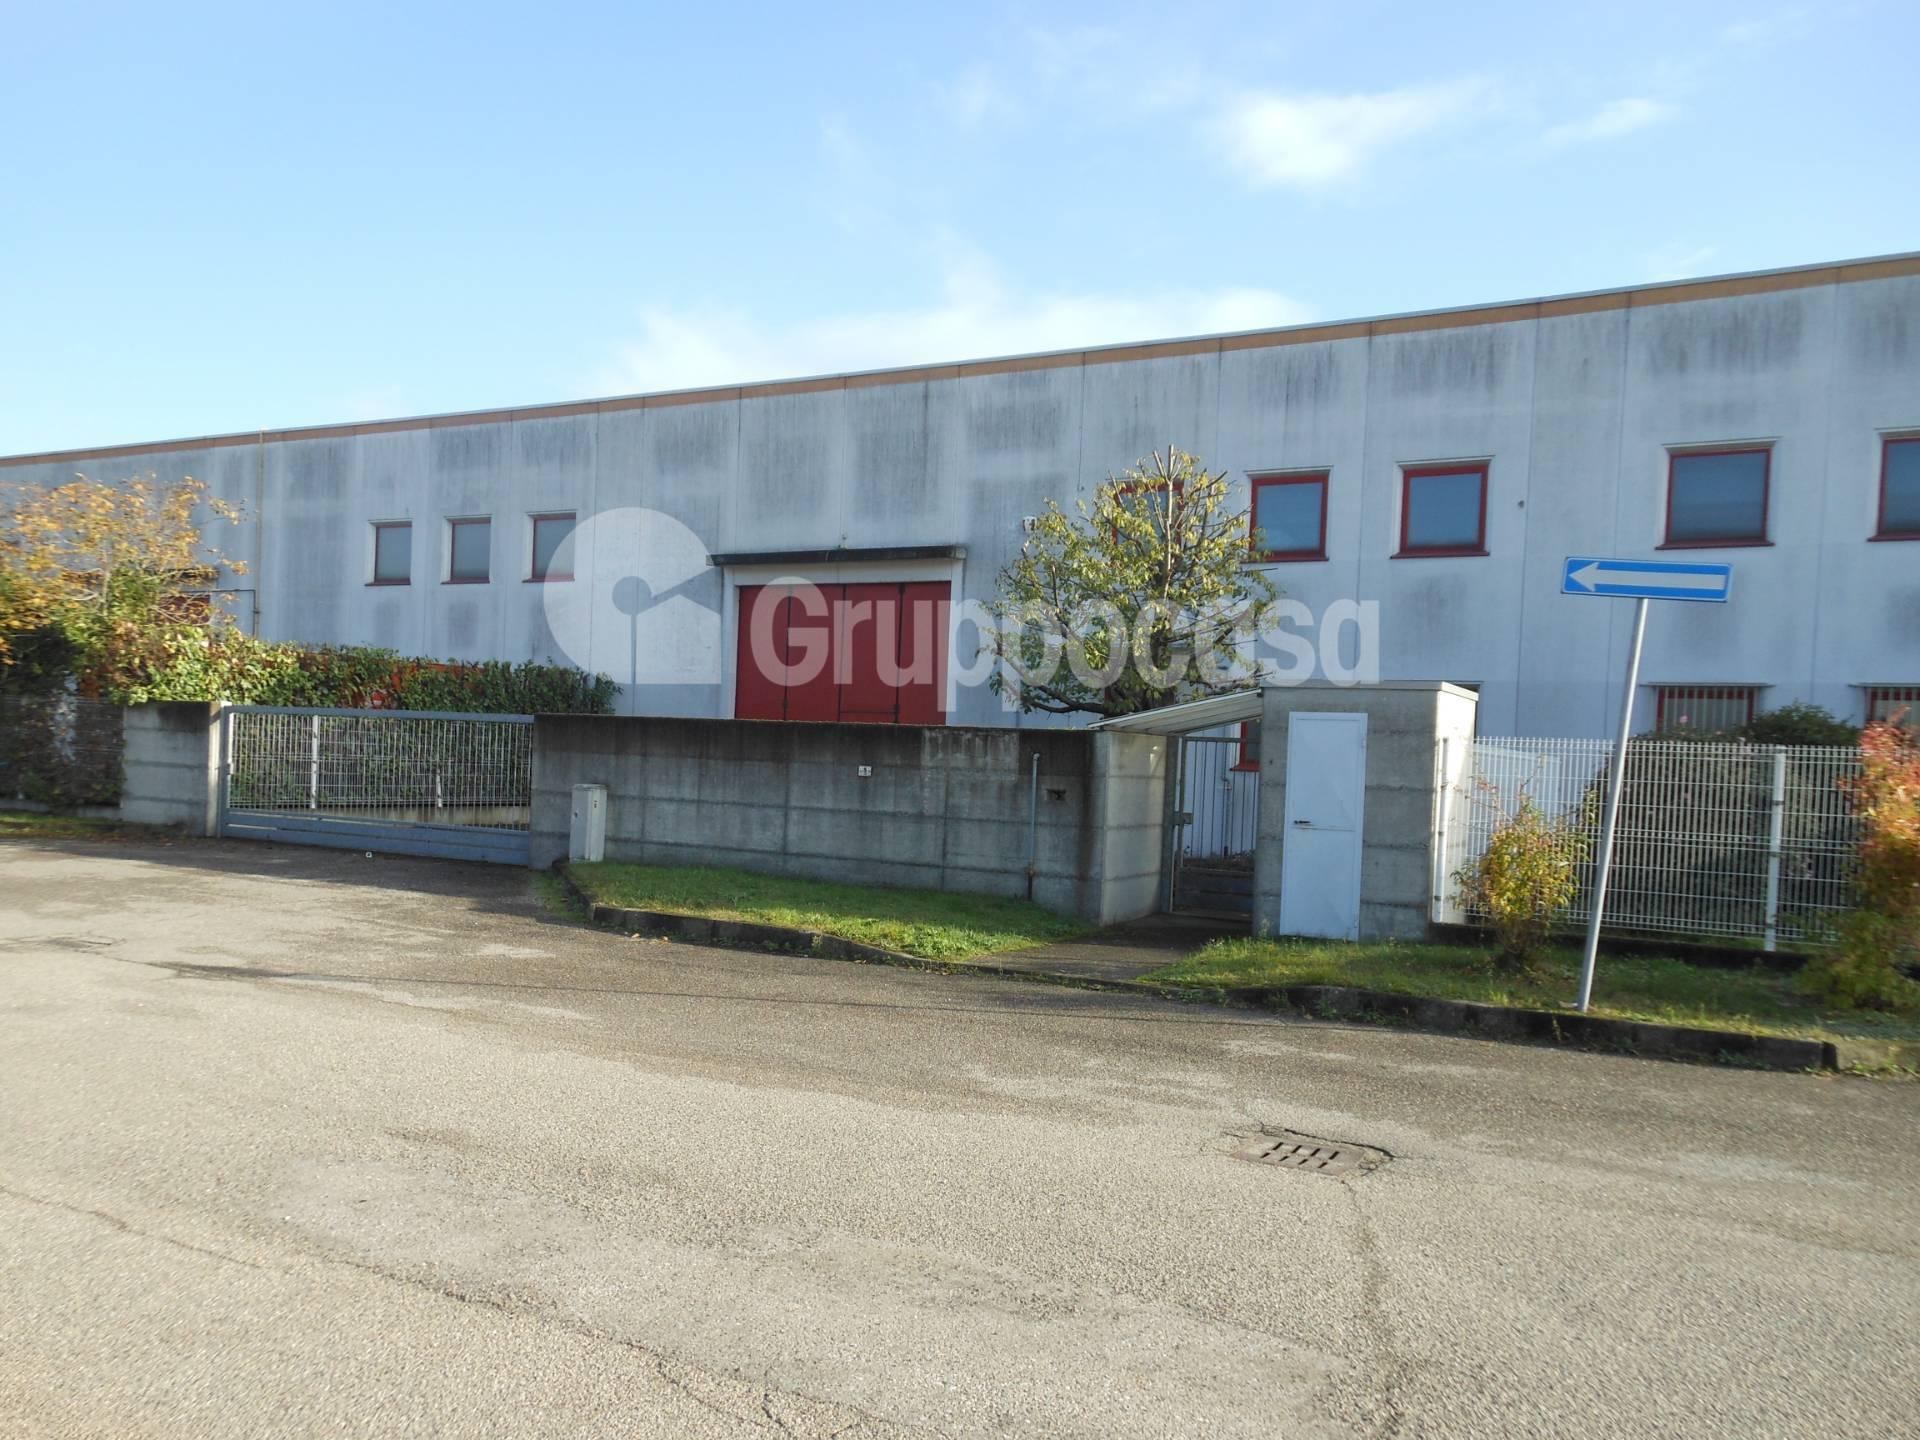 Capannone in vendita a Bernate Ticino, 9999 locali, prezzo € 210.000 | PortaleAgenzieImmobiliari.it